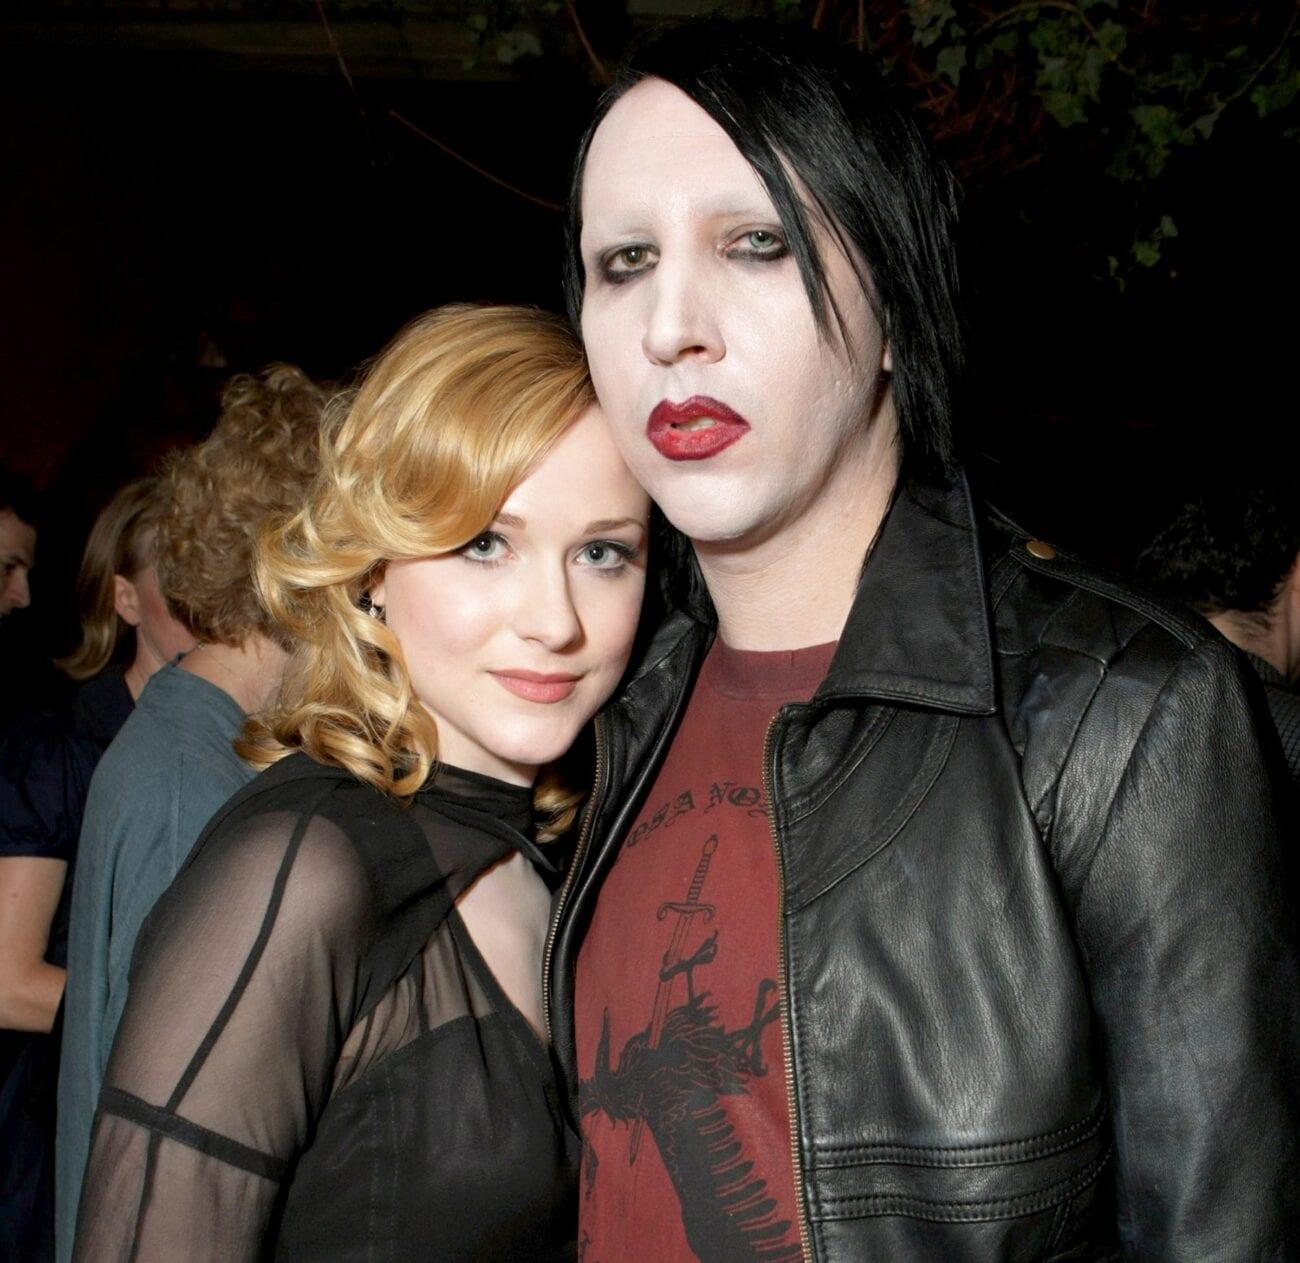 El desgarrador testimonio de Evan Rachel Wood sobre su relación abusiva. ¿Se trata de Marilyn Manson? Descúbrelo aquí.